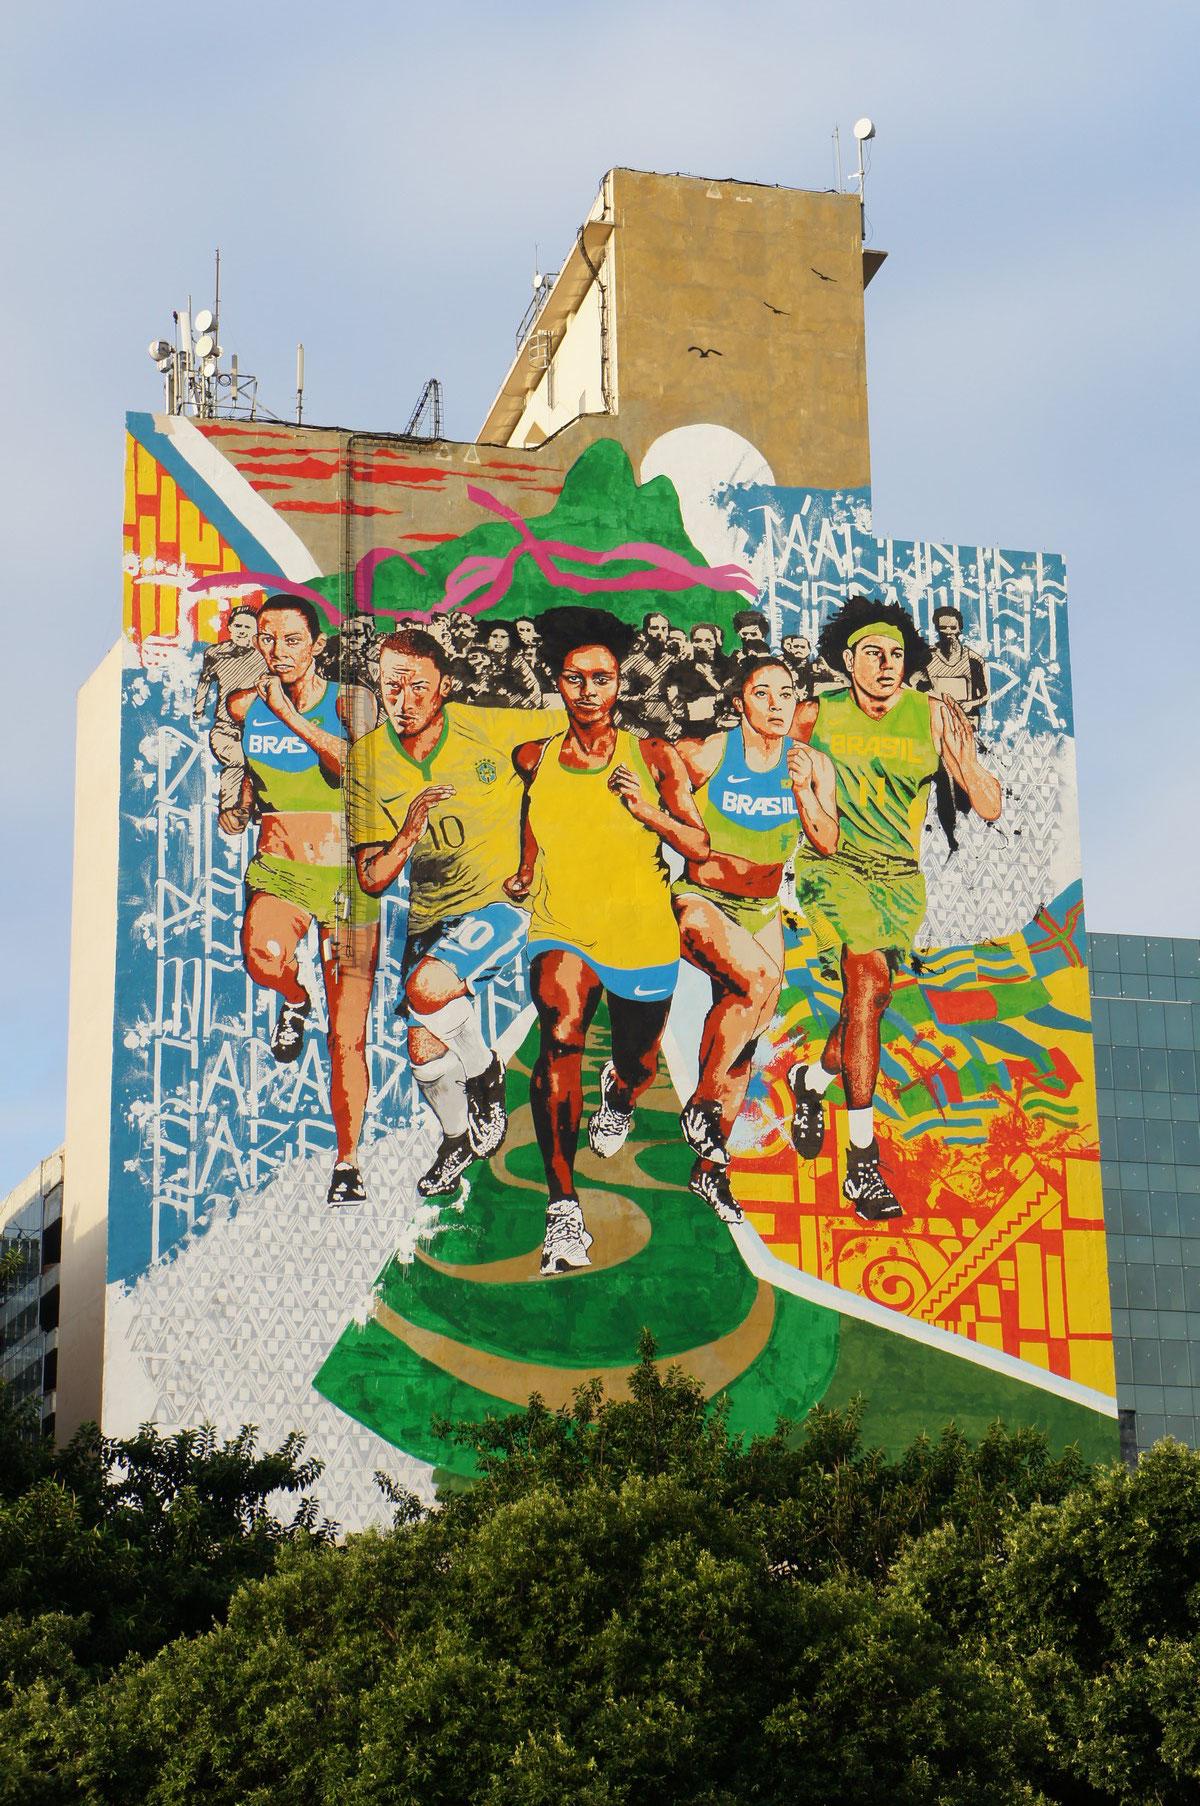 Belle fresque en ville